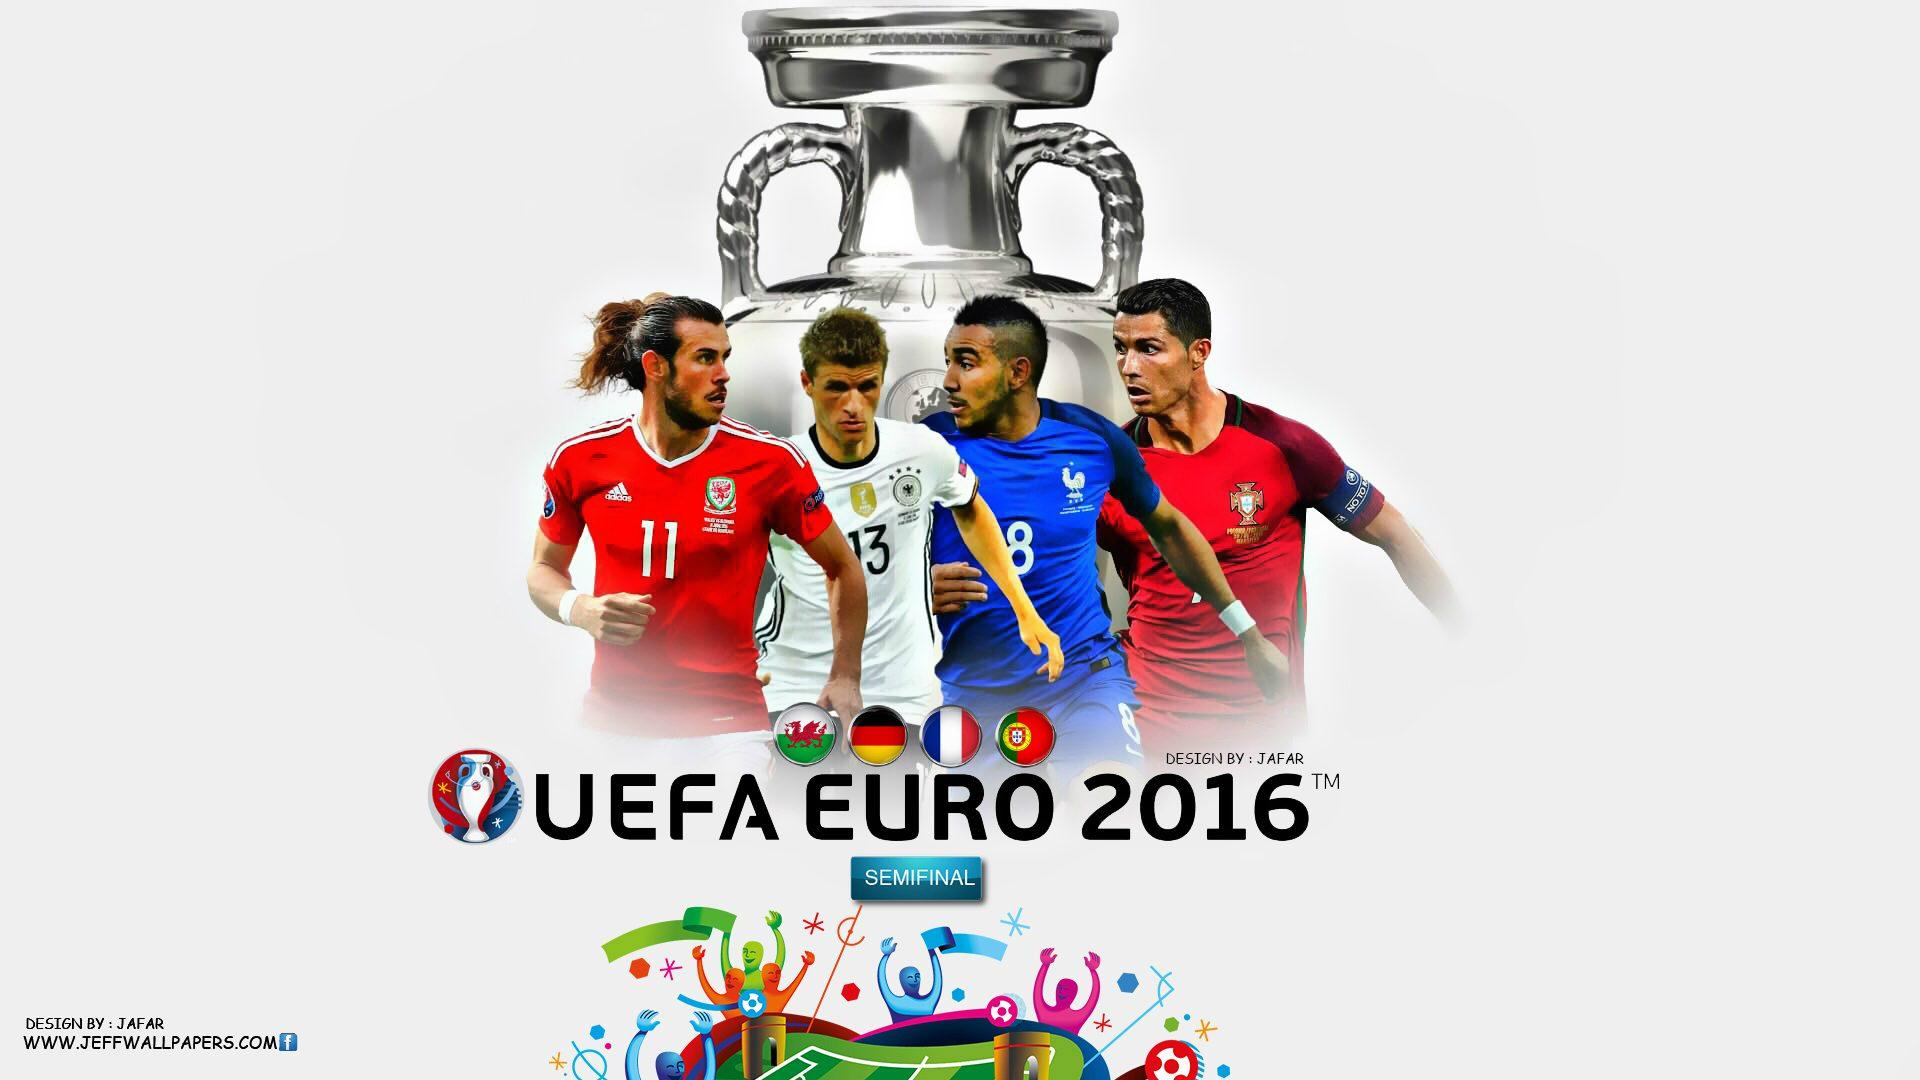 Лучшие сборные по футболу в Европе